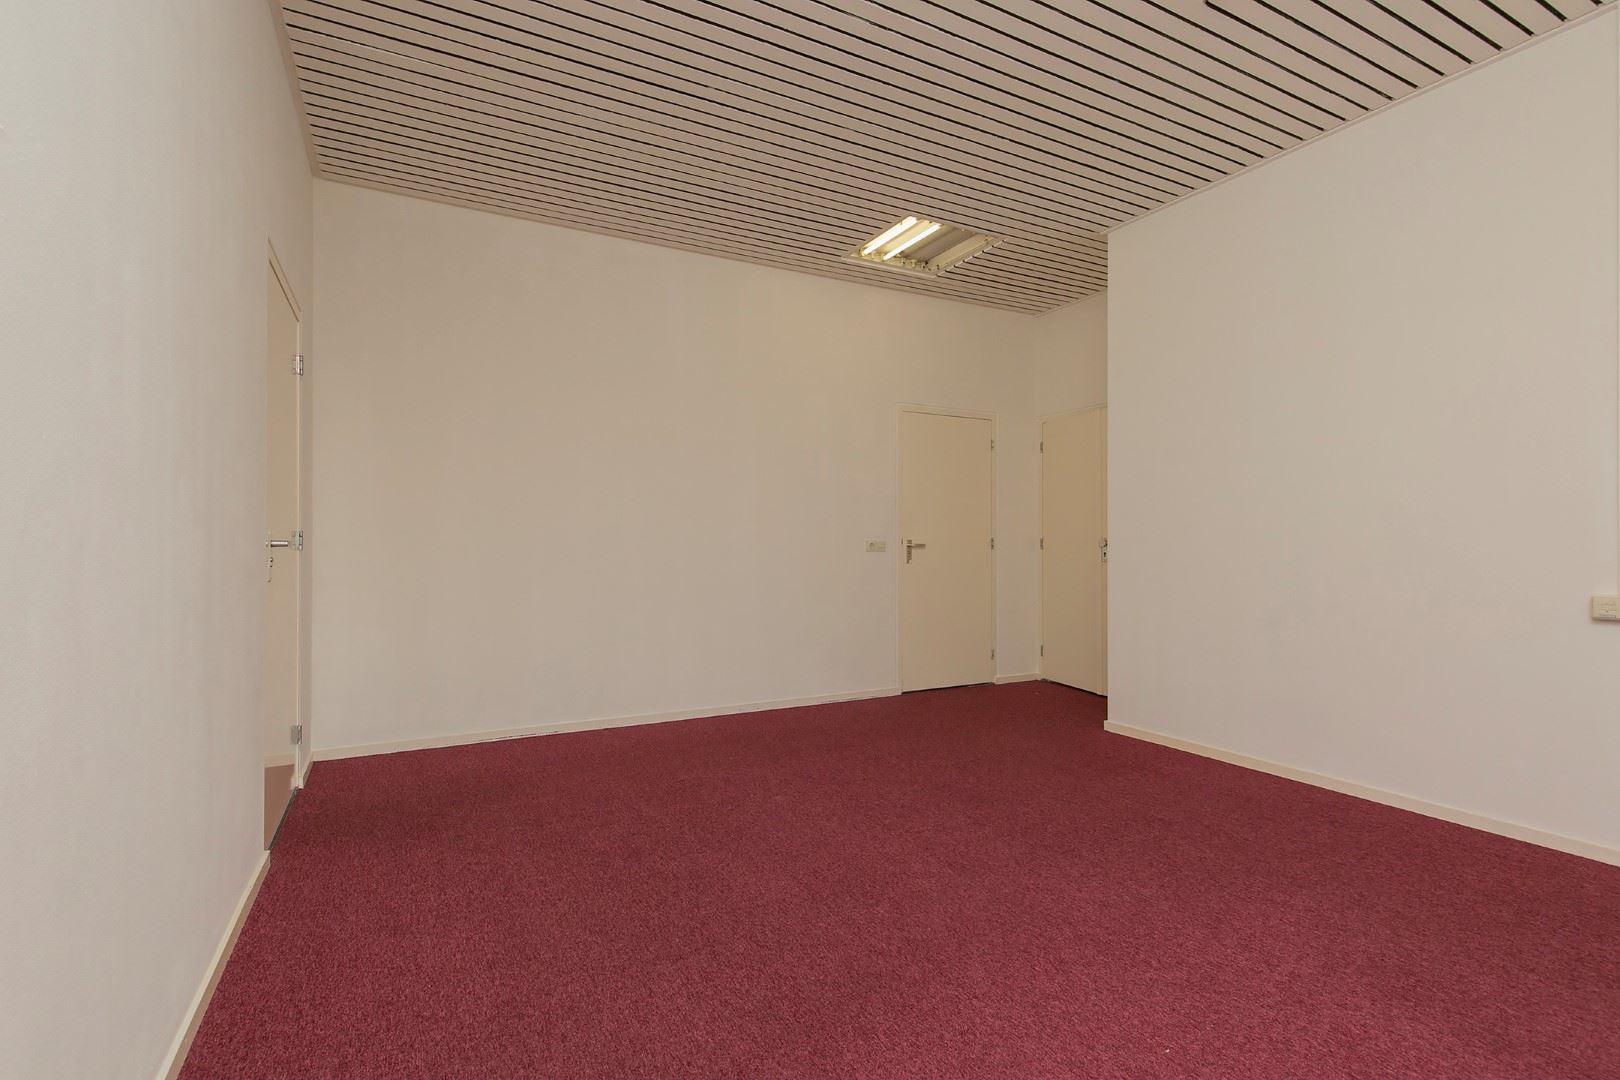 Afzuiging Badkamer Kosten : Badkamer afzuiging plafond badkamer plafond afzuiging plafond